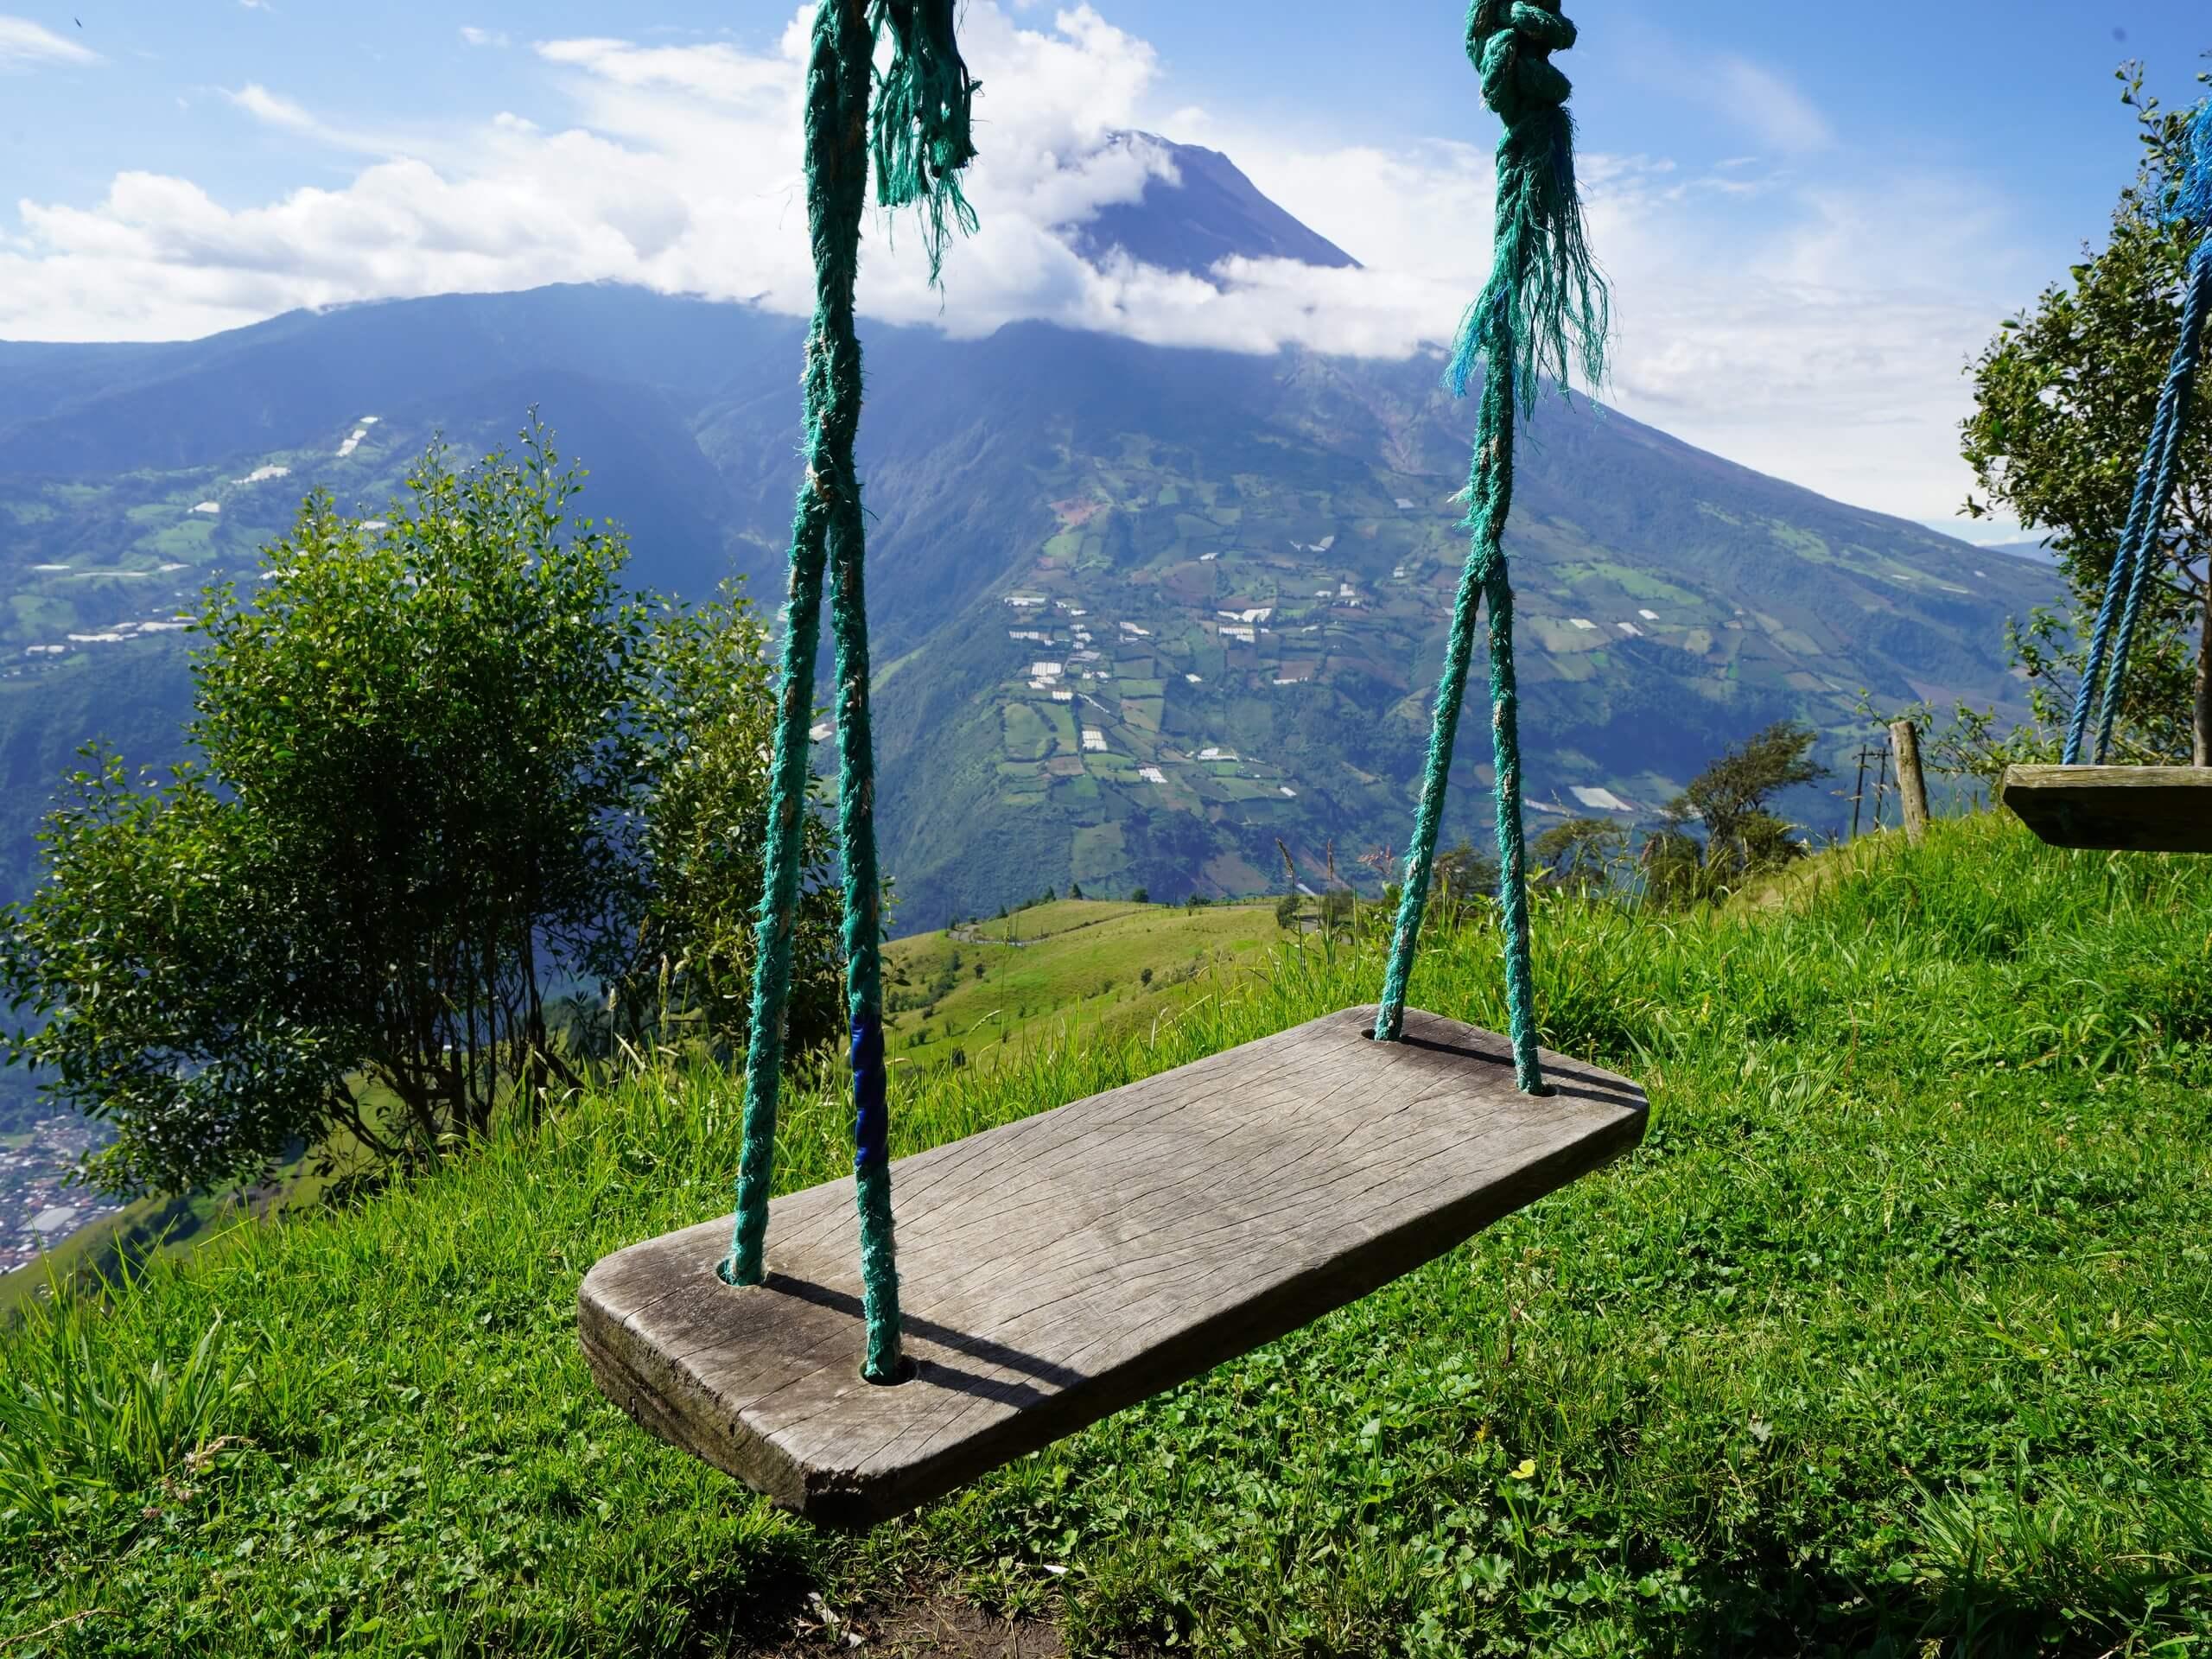 Swing in Banos, Ecuador